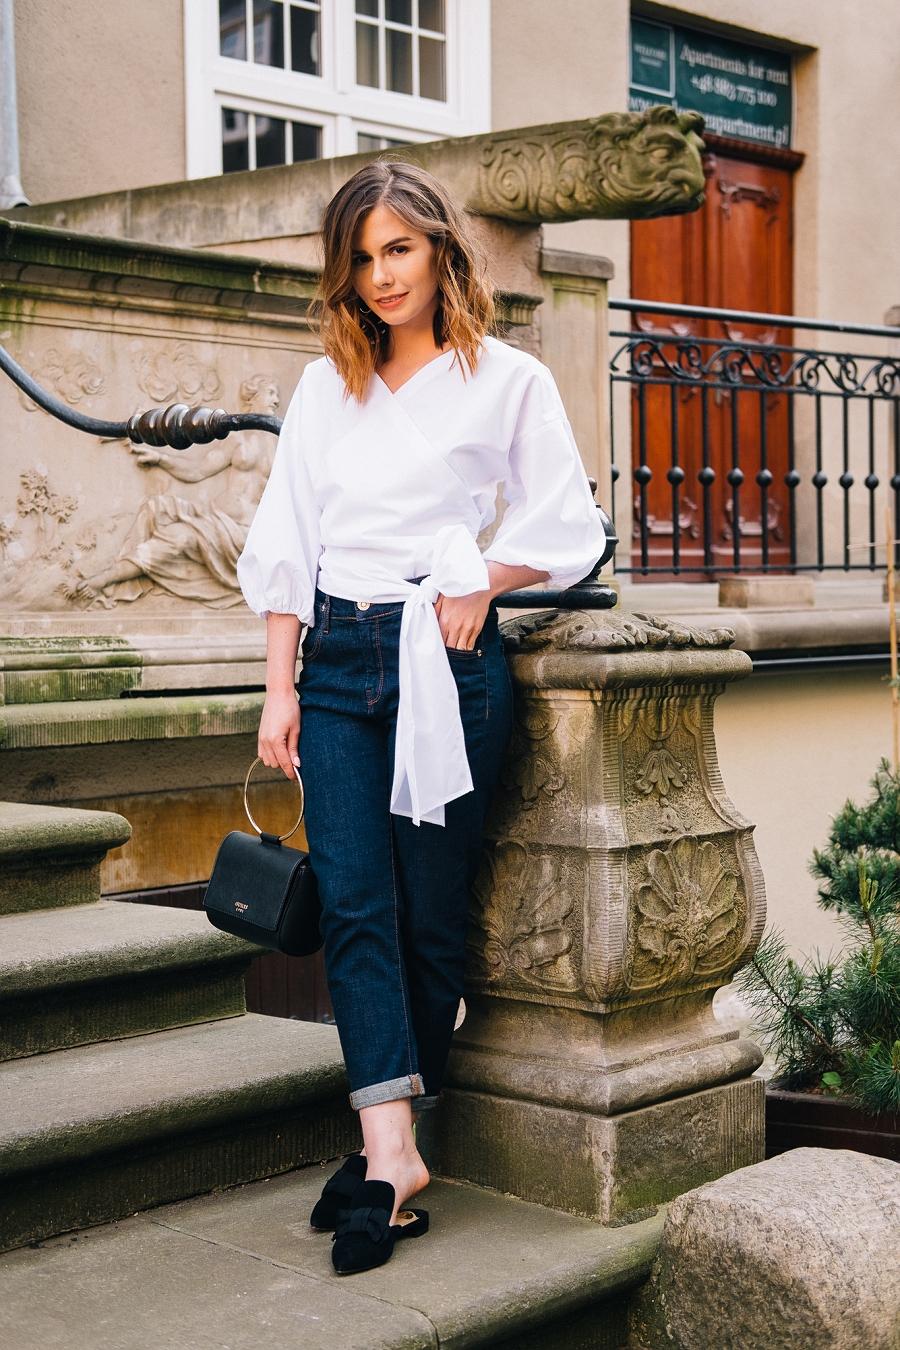 Biała koszula z bufiastymi rękawami i klasyczne jeansy z wysokim stanem - Answear.com Style Guide